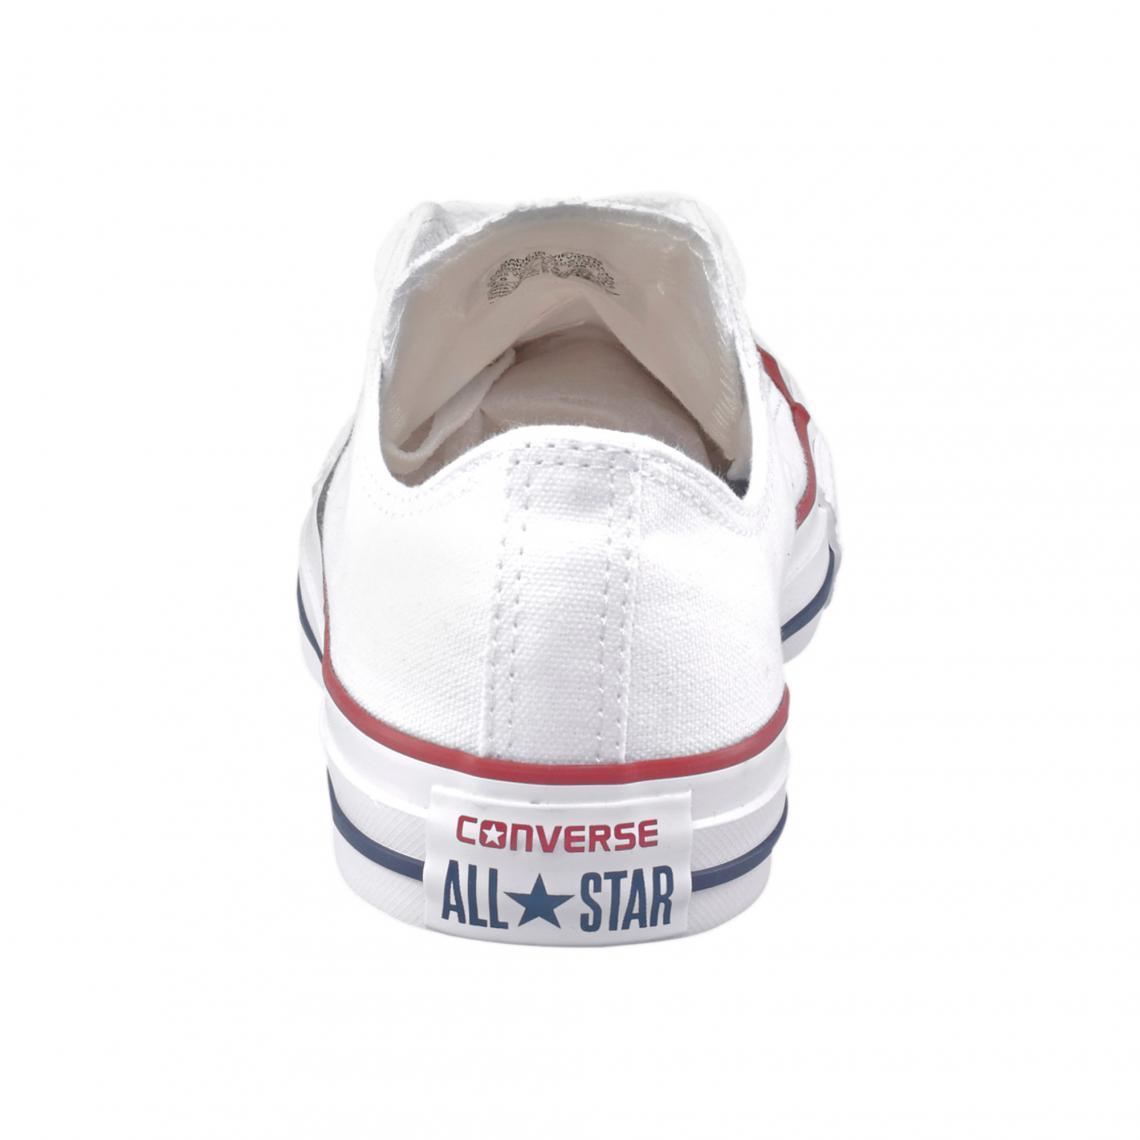 eca2dadeccd Toutes les chaussures Converse Cliquez l image pour l agrandir. Converse  All Star Ox tennis basses à lacets homme ...